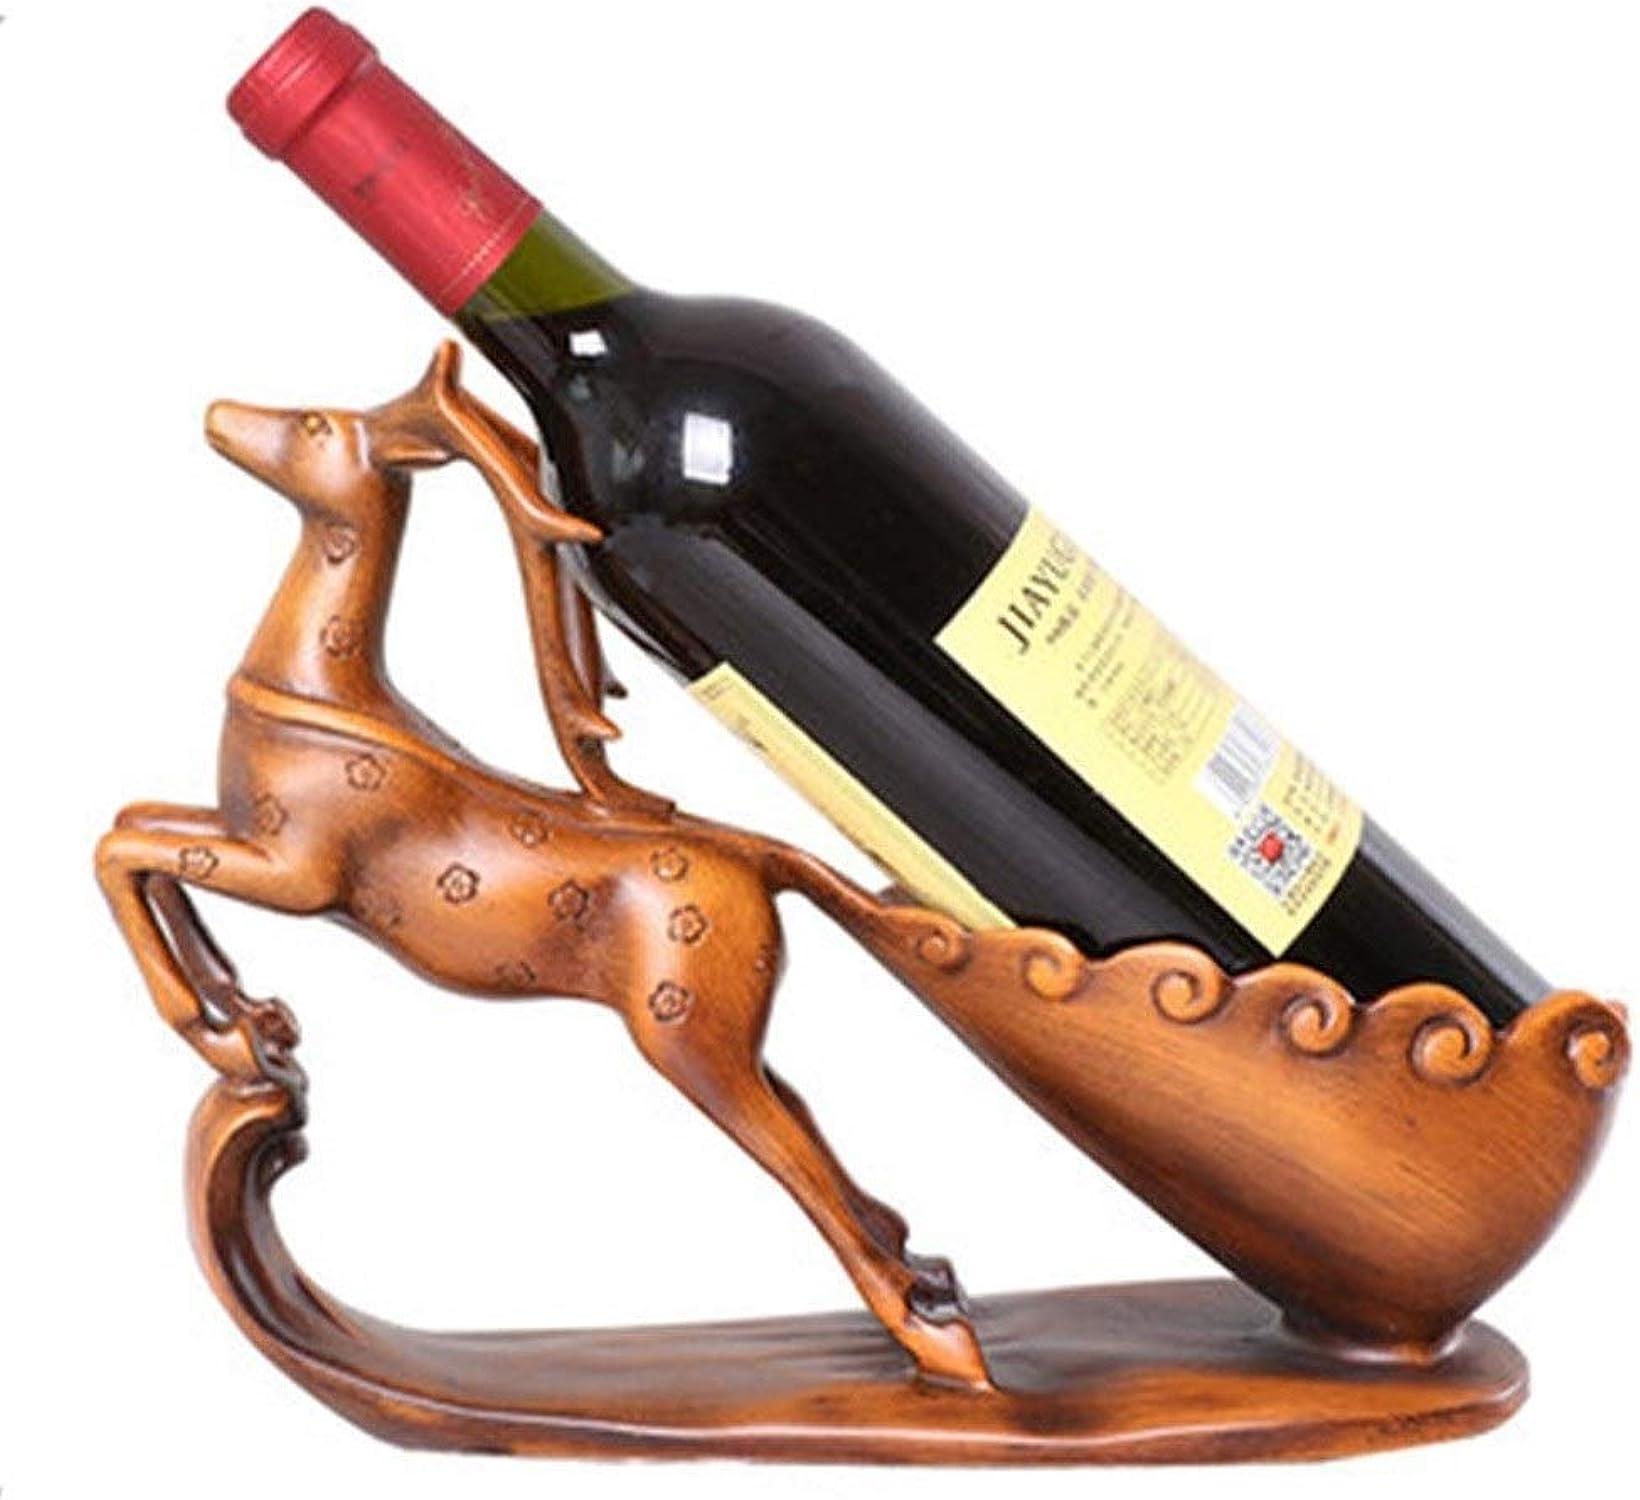 entrega de rayos Botelleros Botelleros Botelleros Estante para Vinos Sika Deer Decoración para Estante De Vino American Model Room Cabina para Vinos Deer Bottle Rack Sala De Estar Dormitorio Decoración (Color   C, Talla   30.5  22  10cm)  autentico en linea